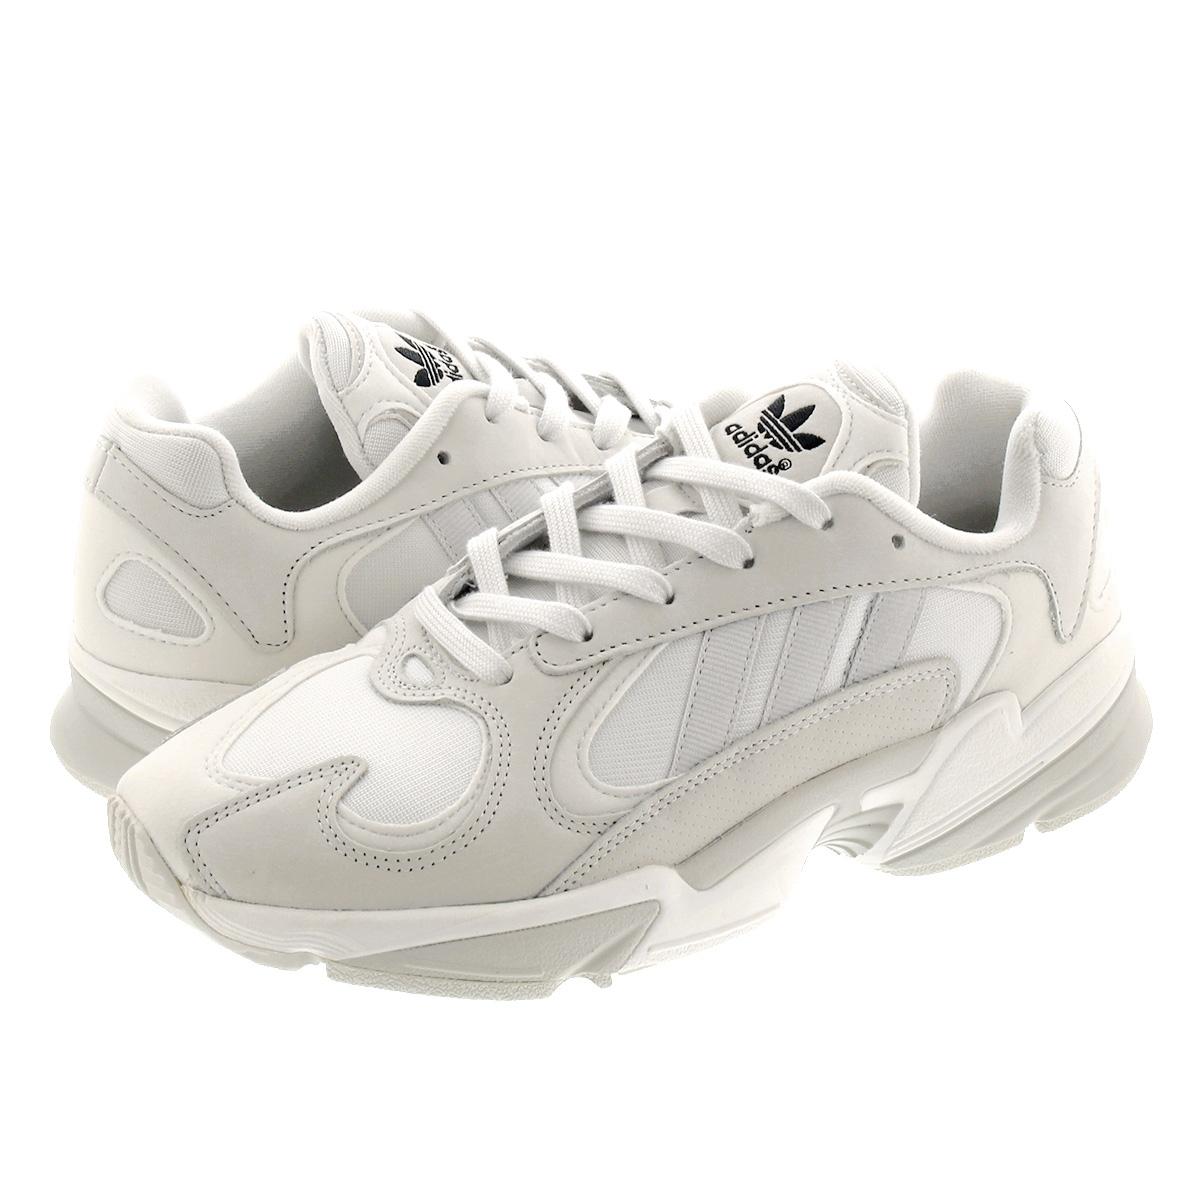 【毎日がお得!値下げプライス】 adidas YUNG-1 アディダス ヤング 1 CRYSTAL WHITE/GREY ONE/CORE BLACK ee5319